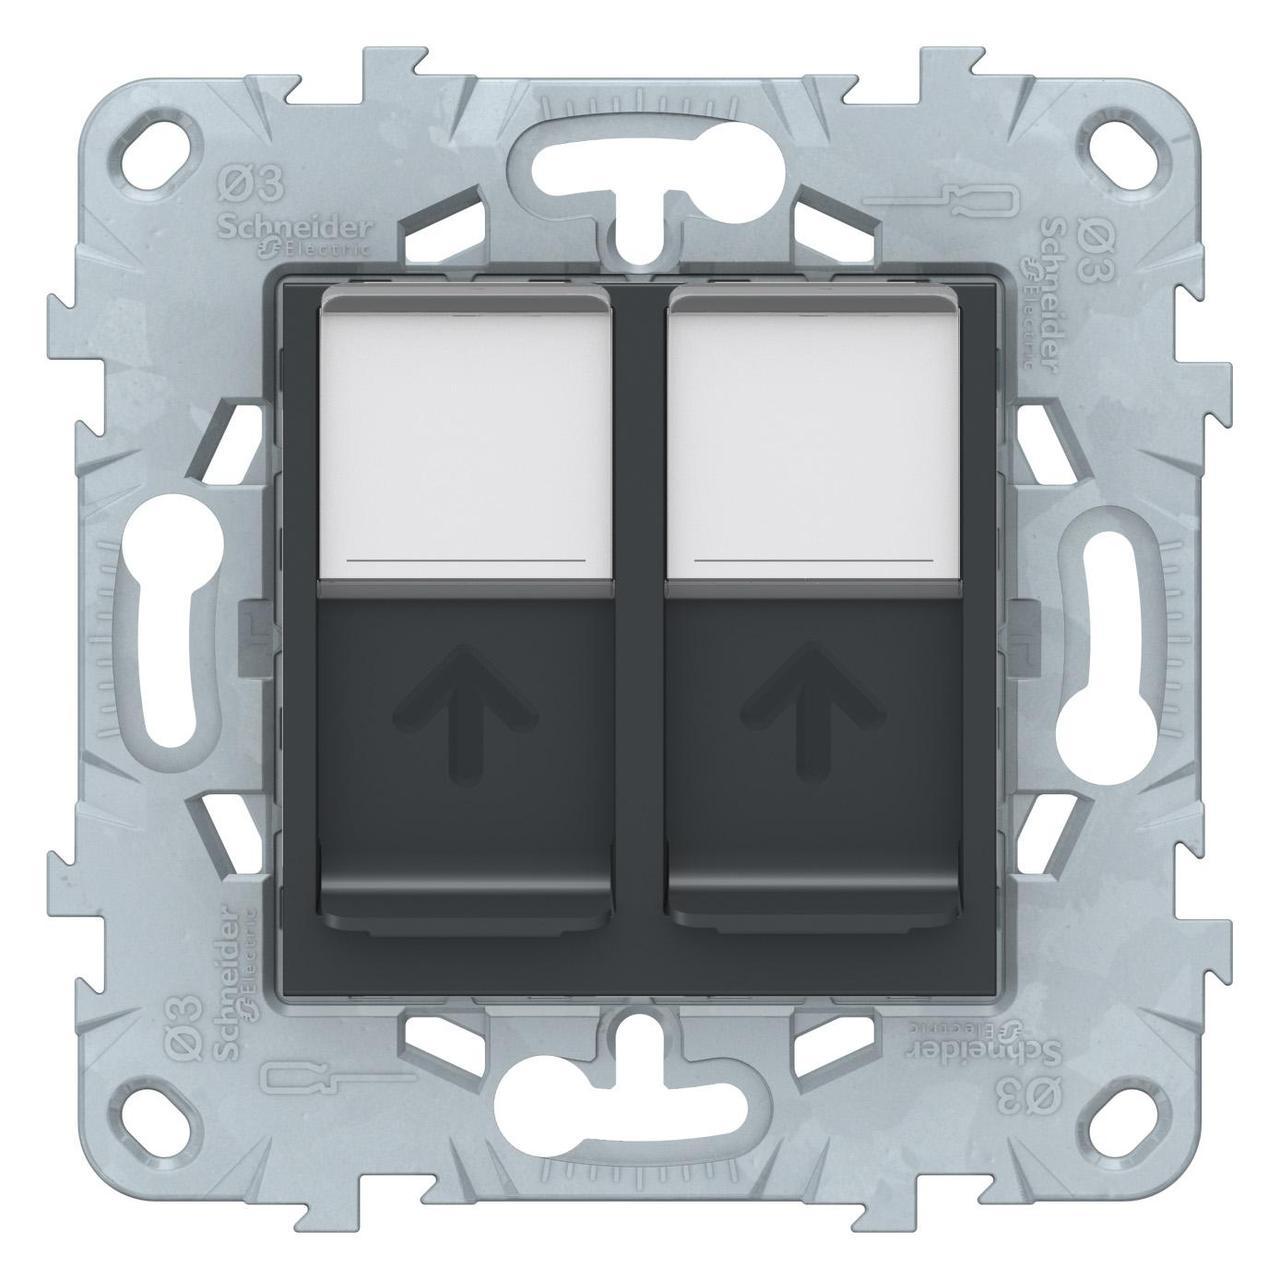 Розетка компьютерная 2-ая кат.6, RJ-45 (интернет) , Антрацит, серия Unica New, Schneider Electric